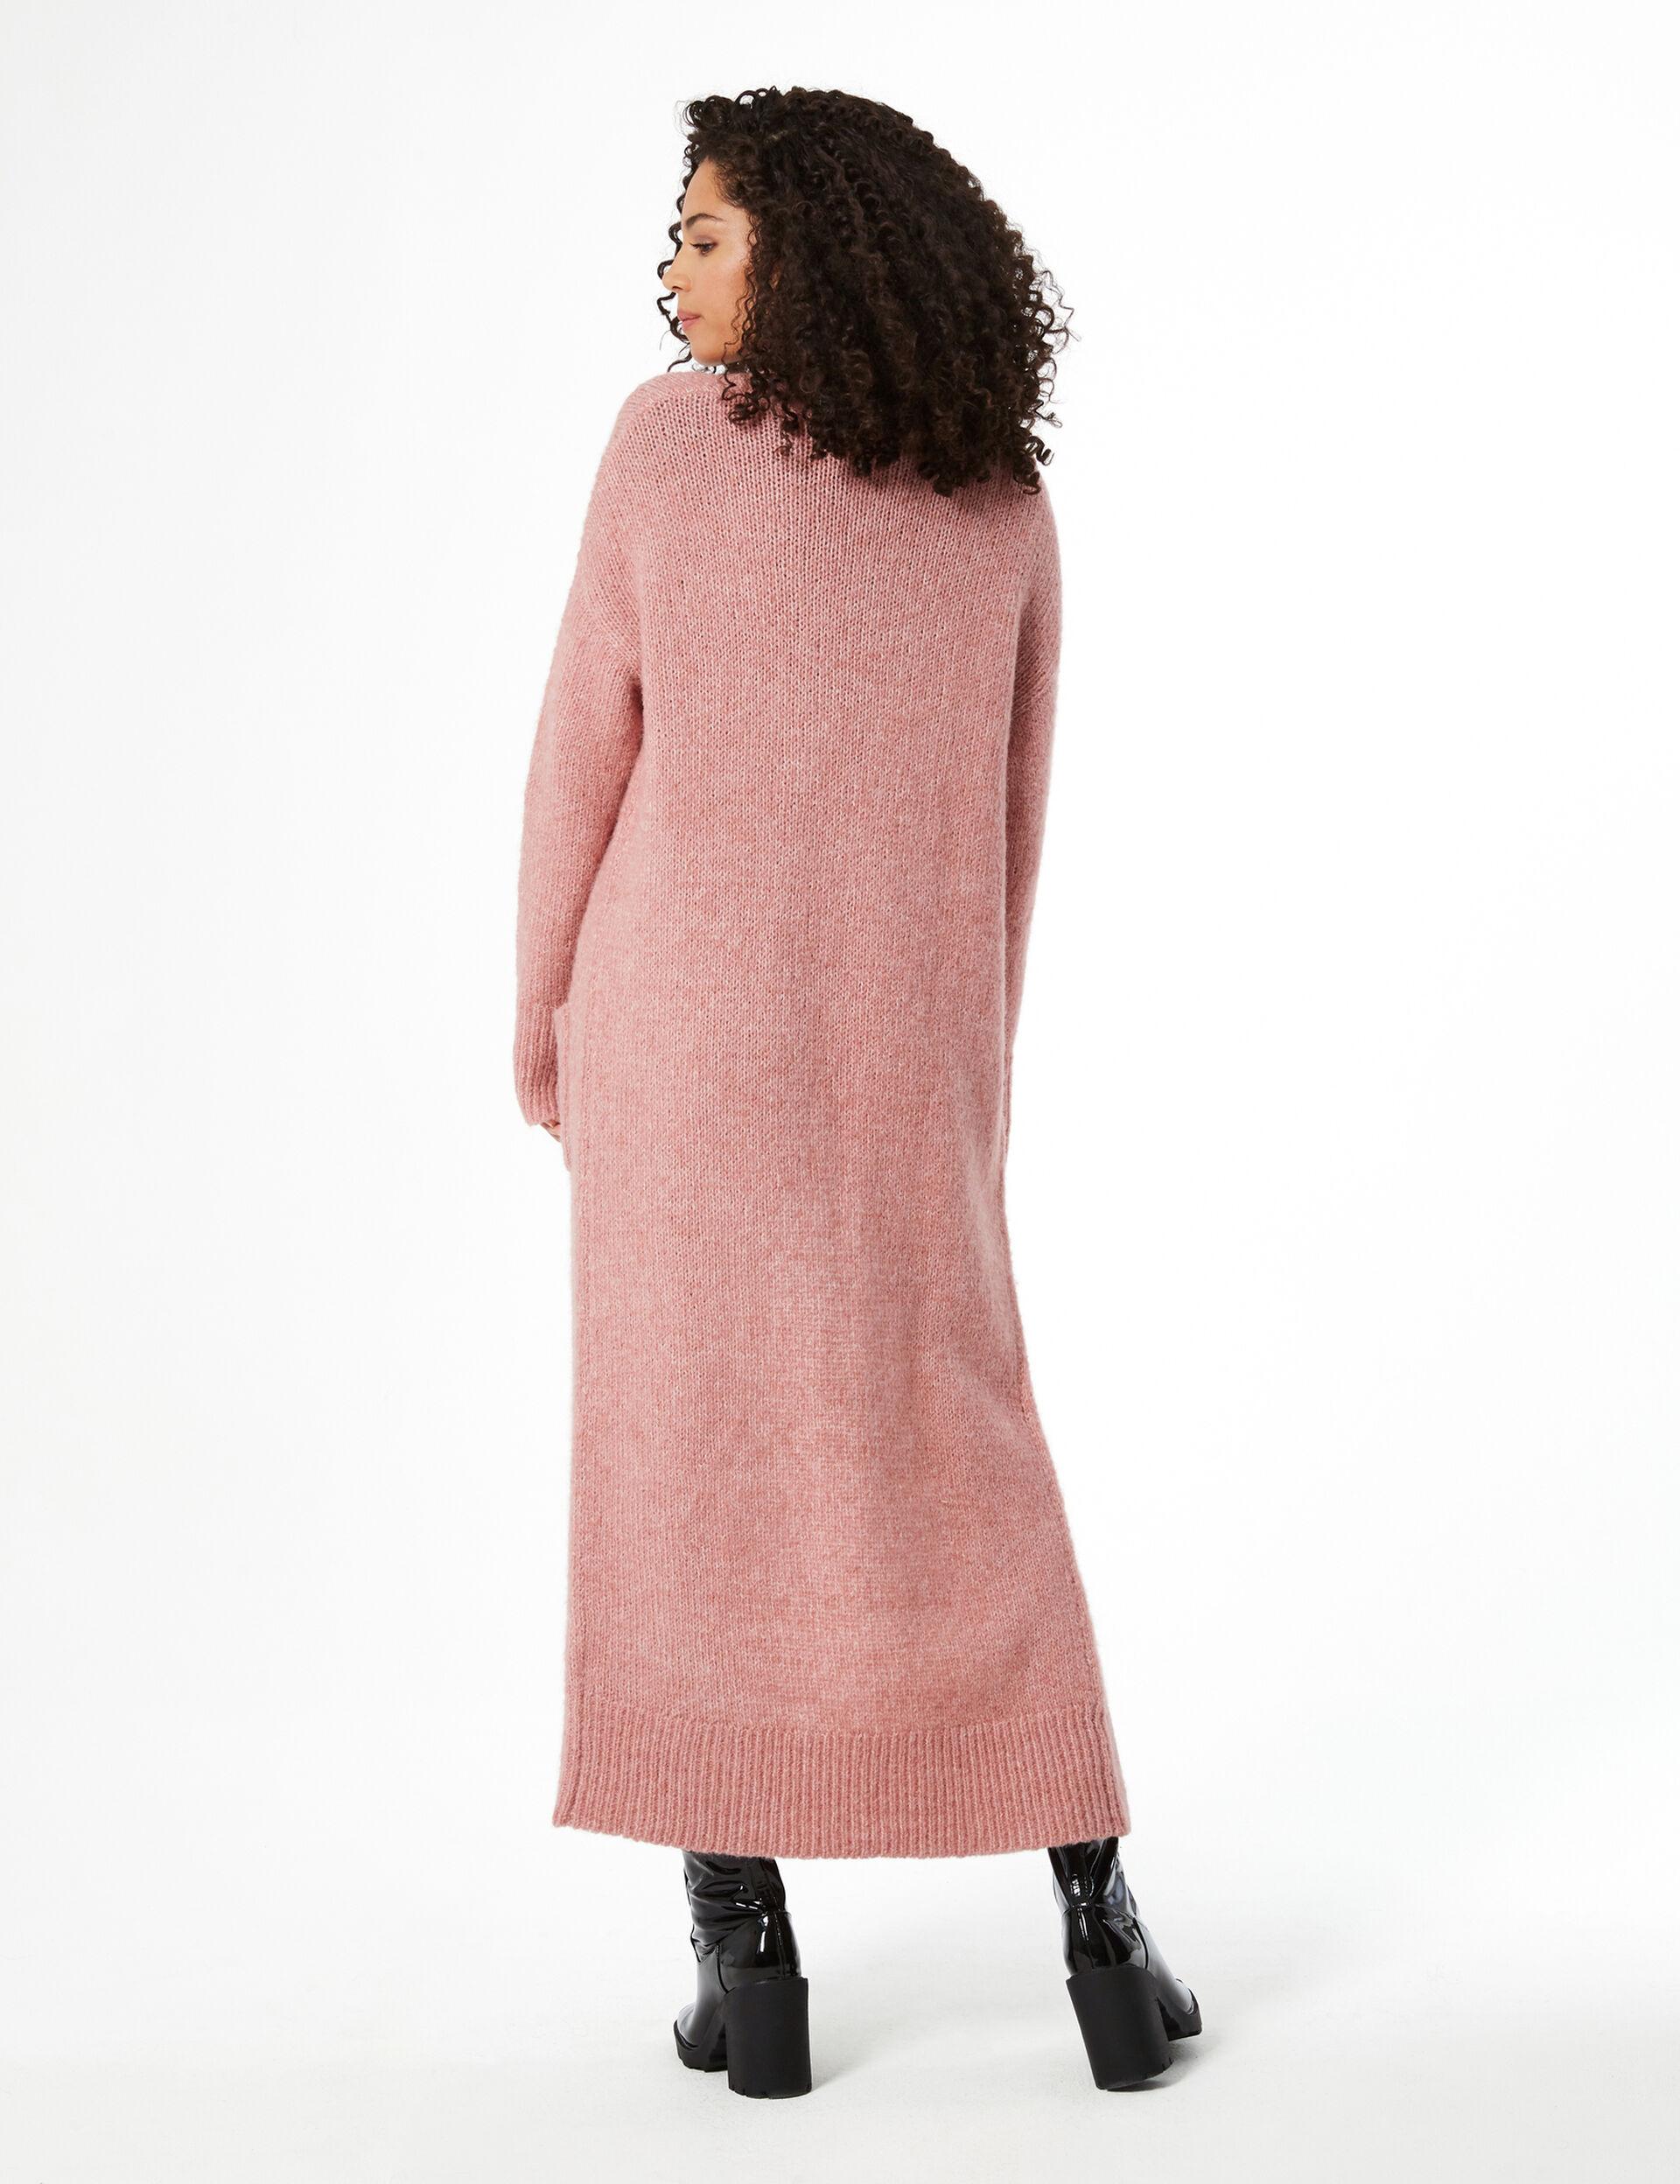 Long braided knit cardigan